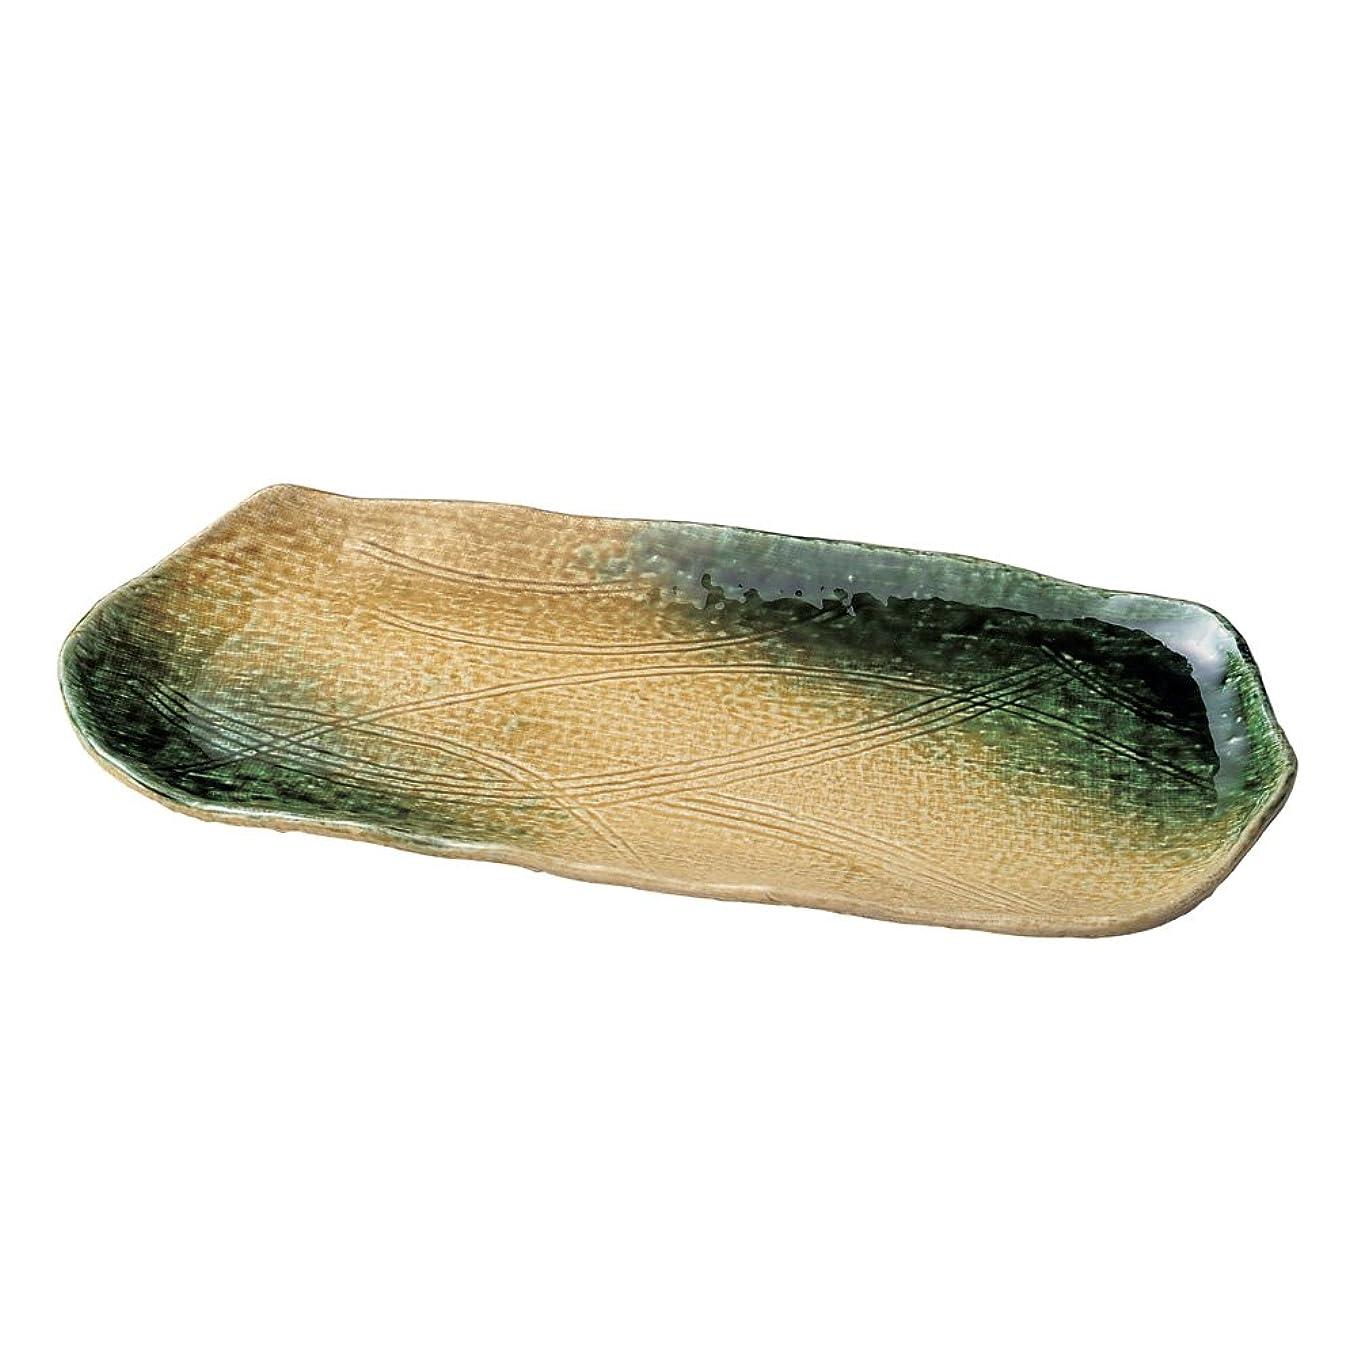 バブルハリケーンアンソロジー結彩の蔵 黄瀬戸織部吹ホッケ皿 ユ159-076